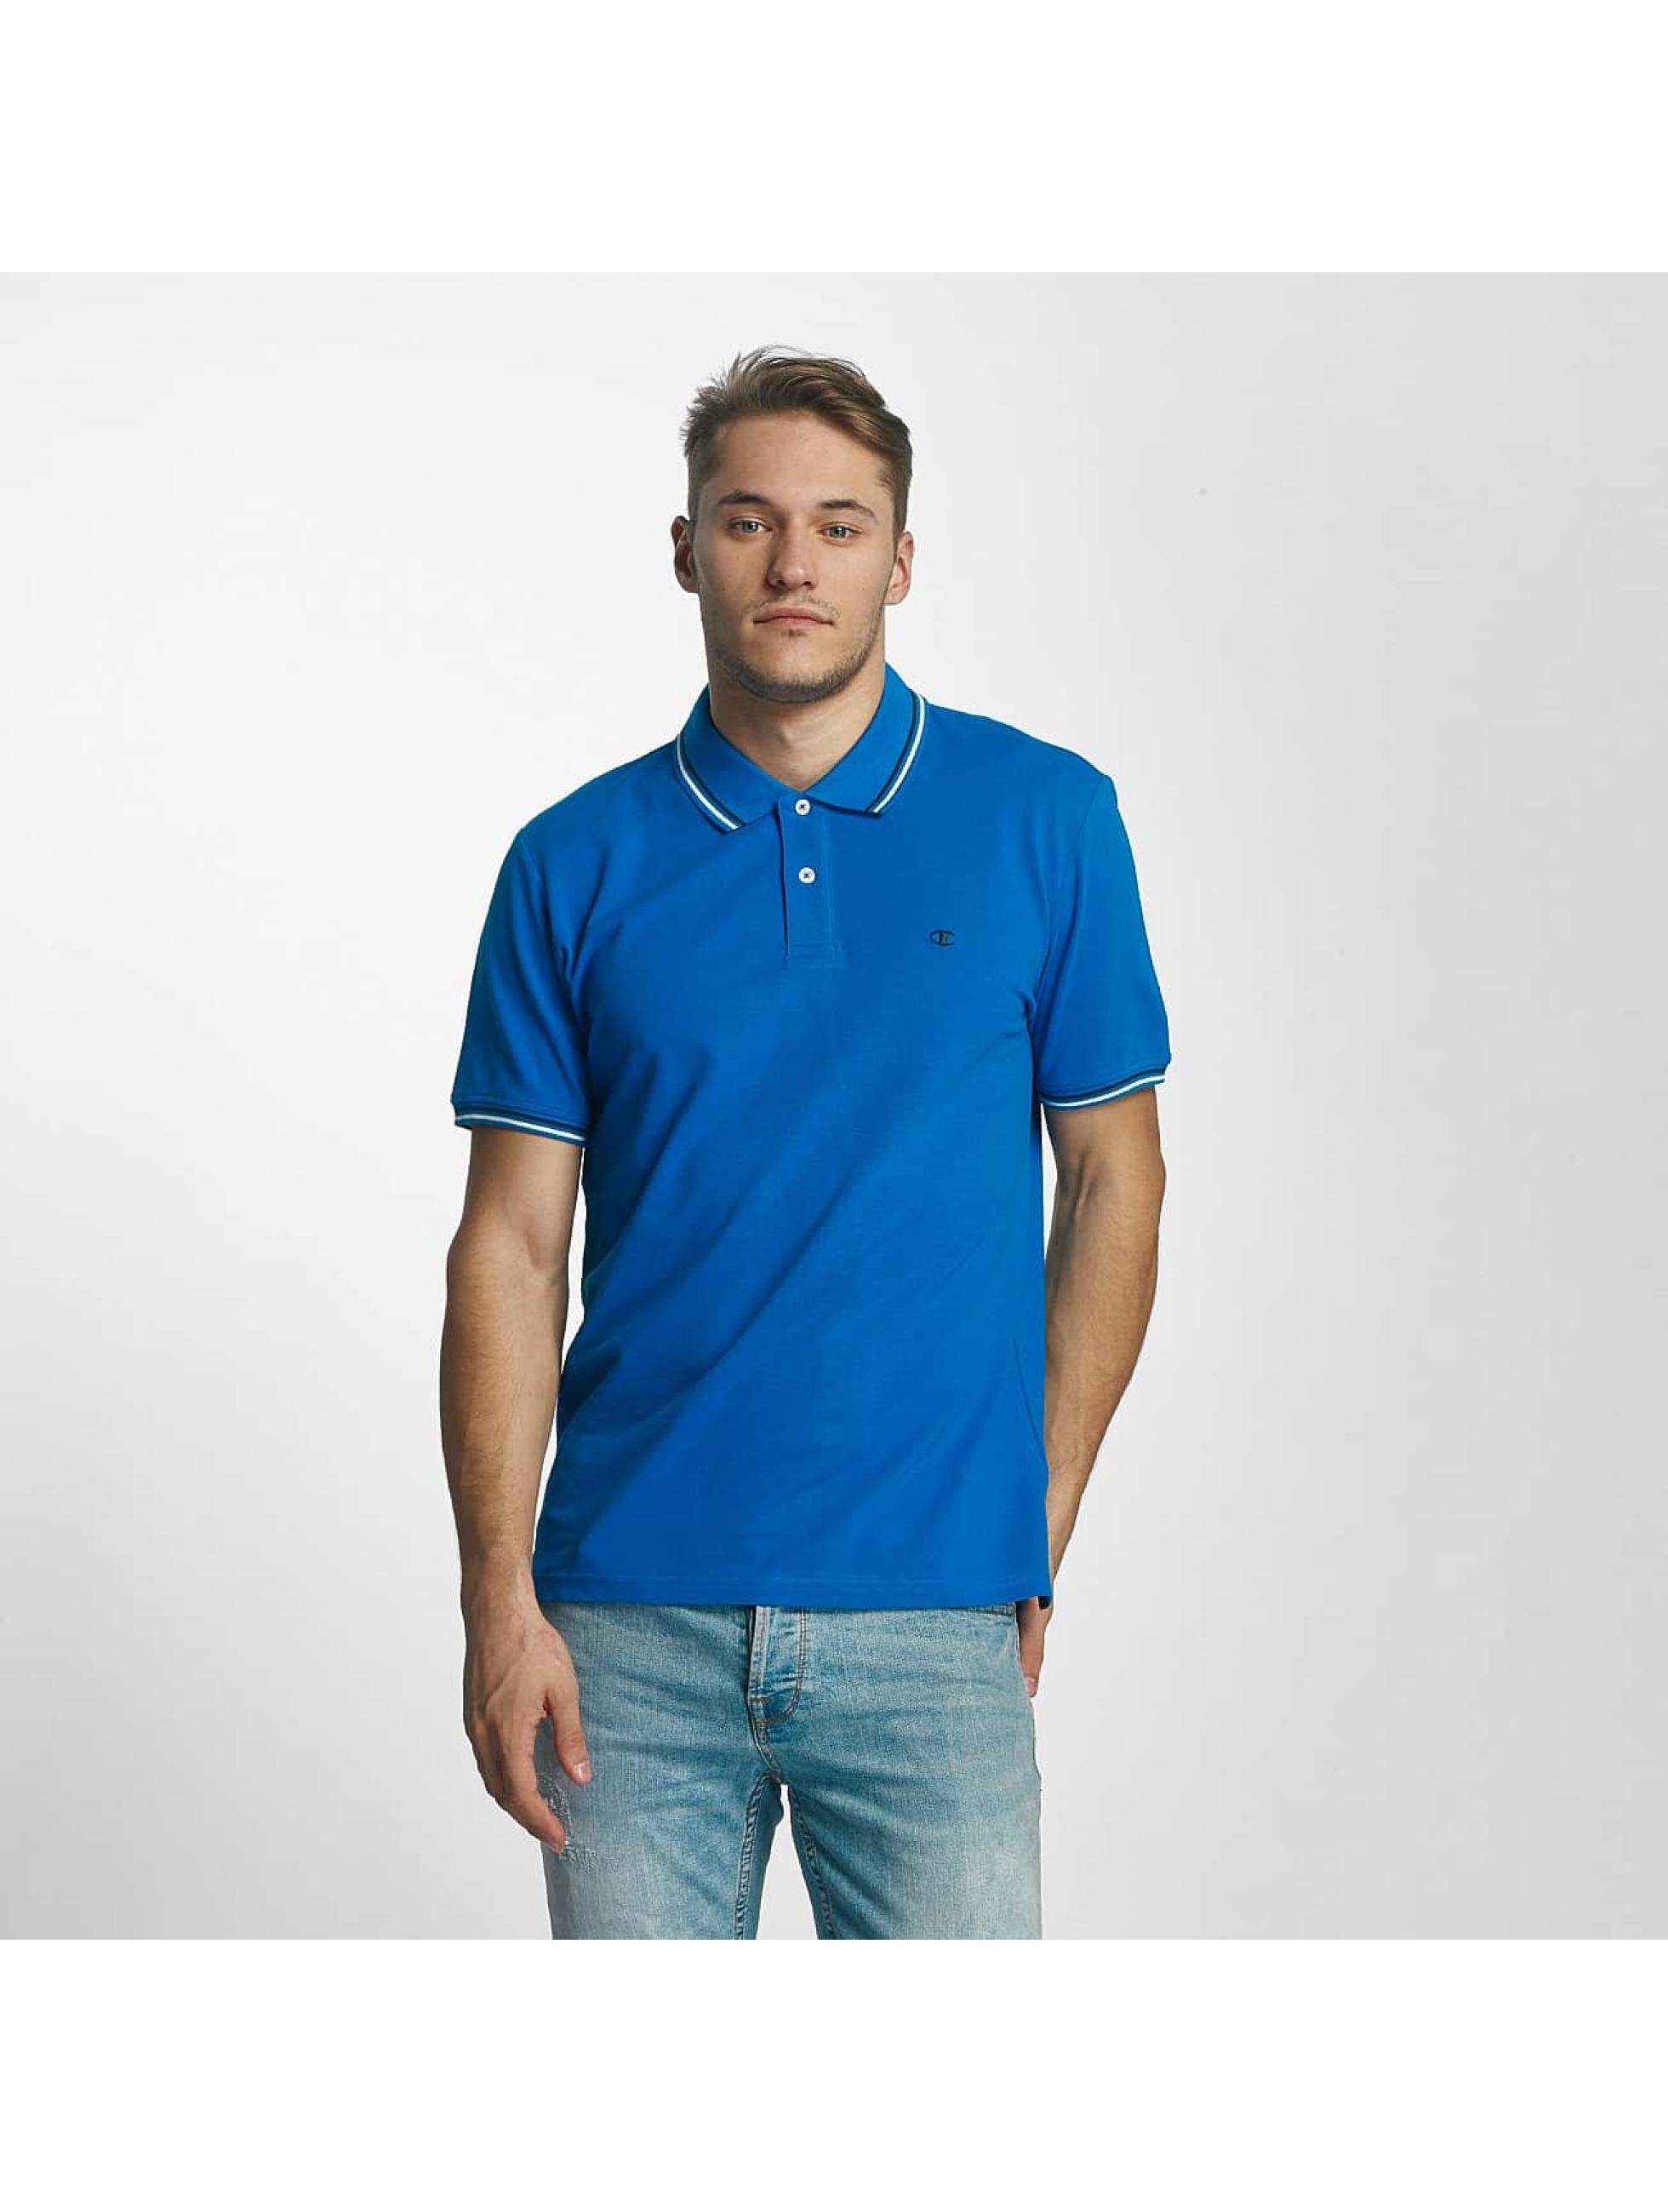 Champion Athletics Poloshirt Metropolitan blue